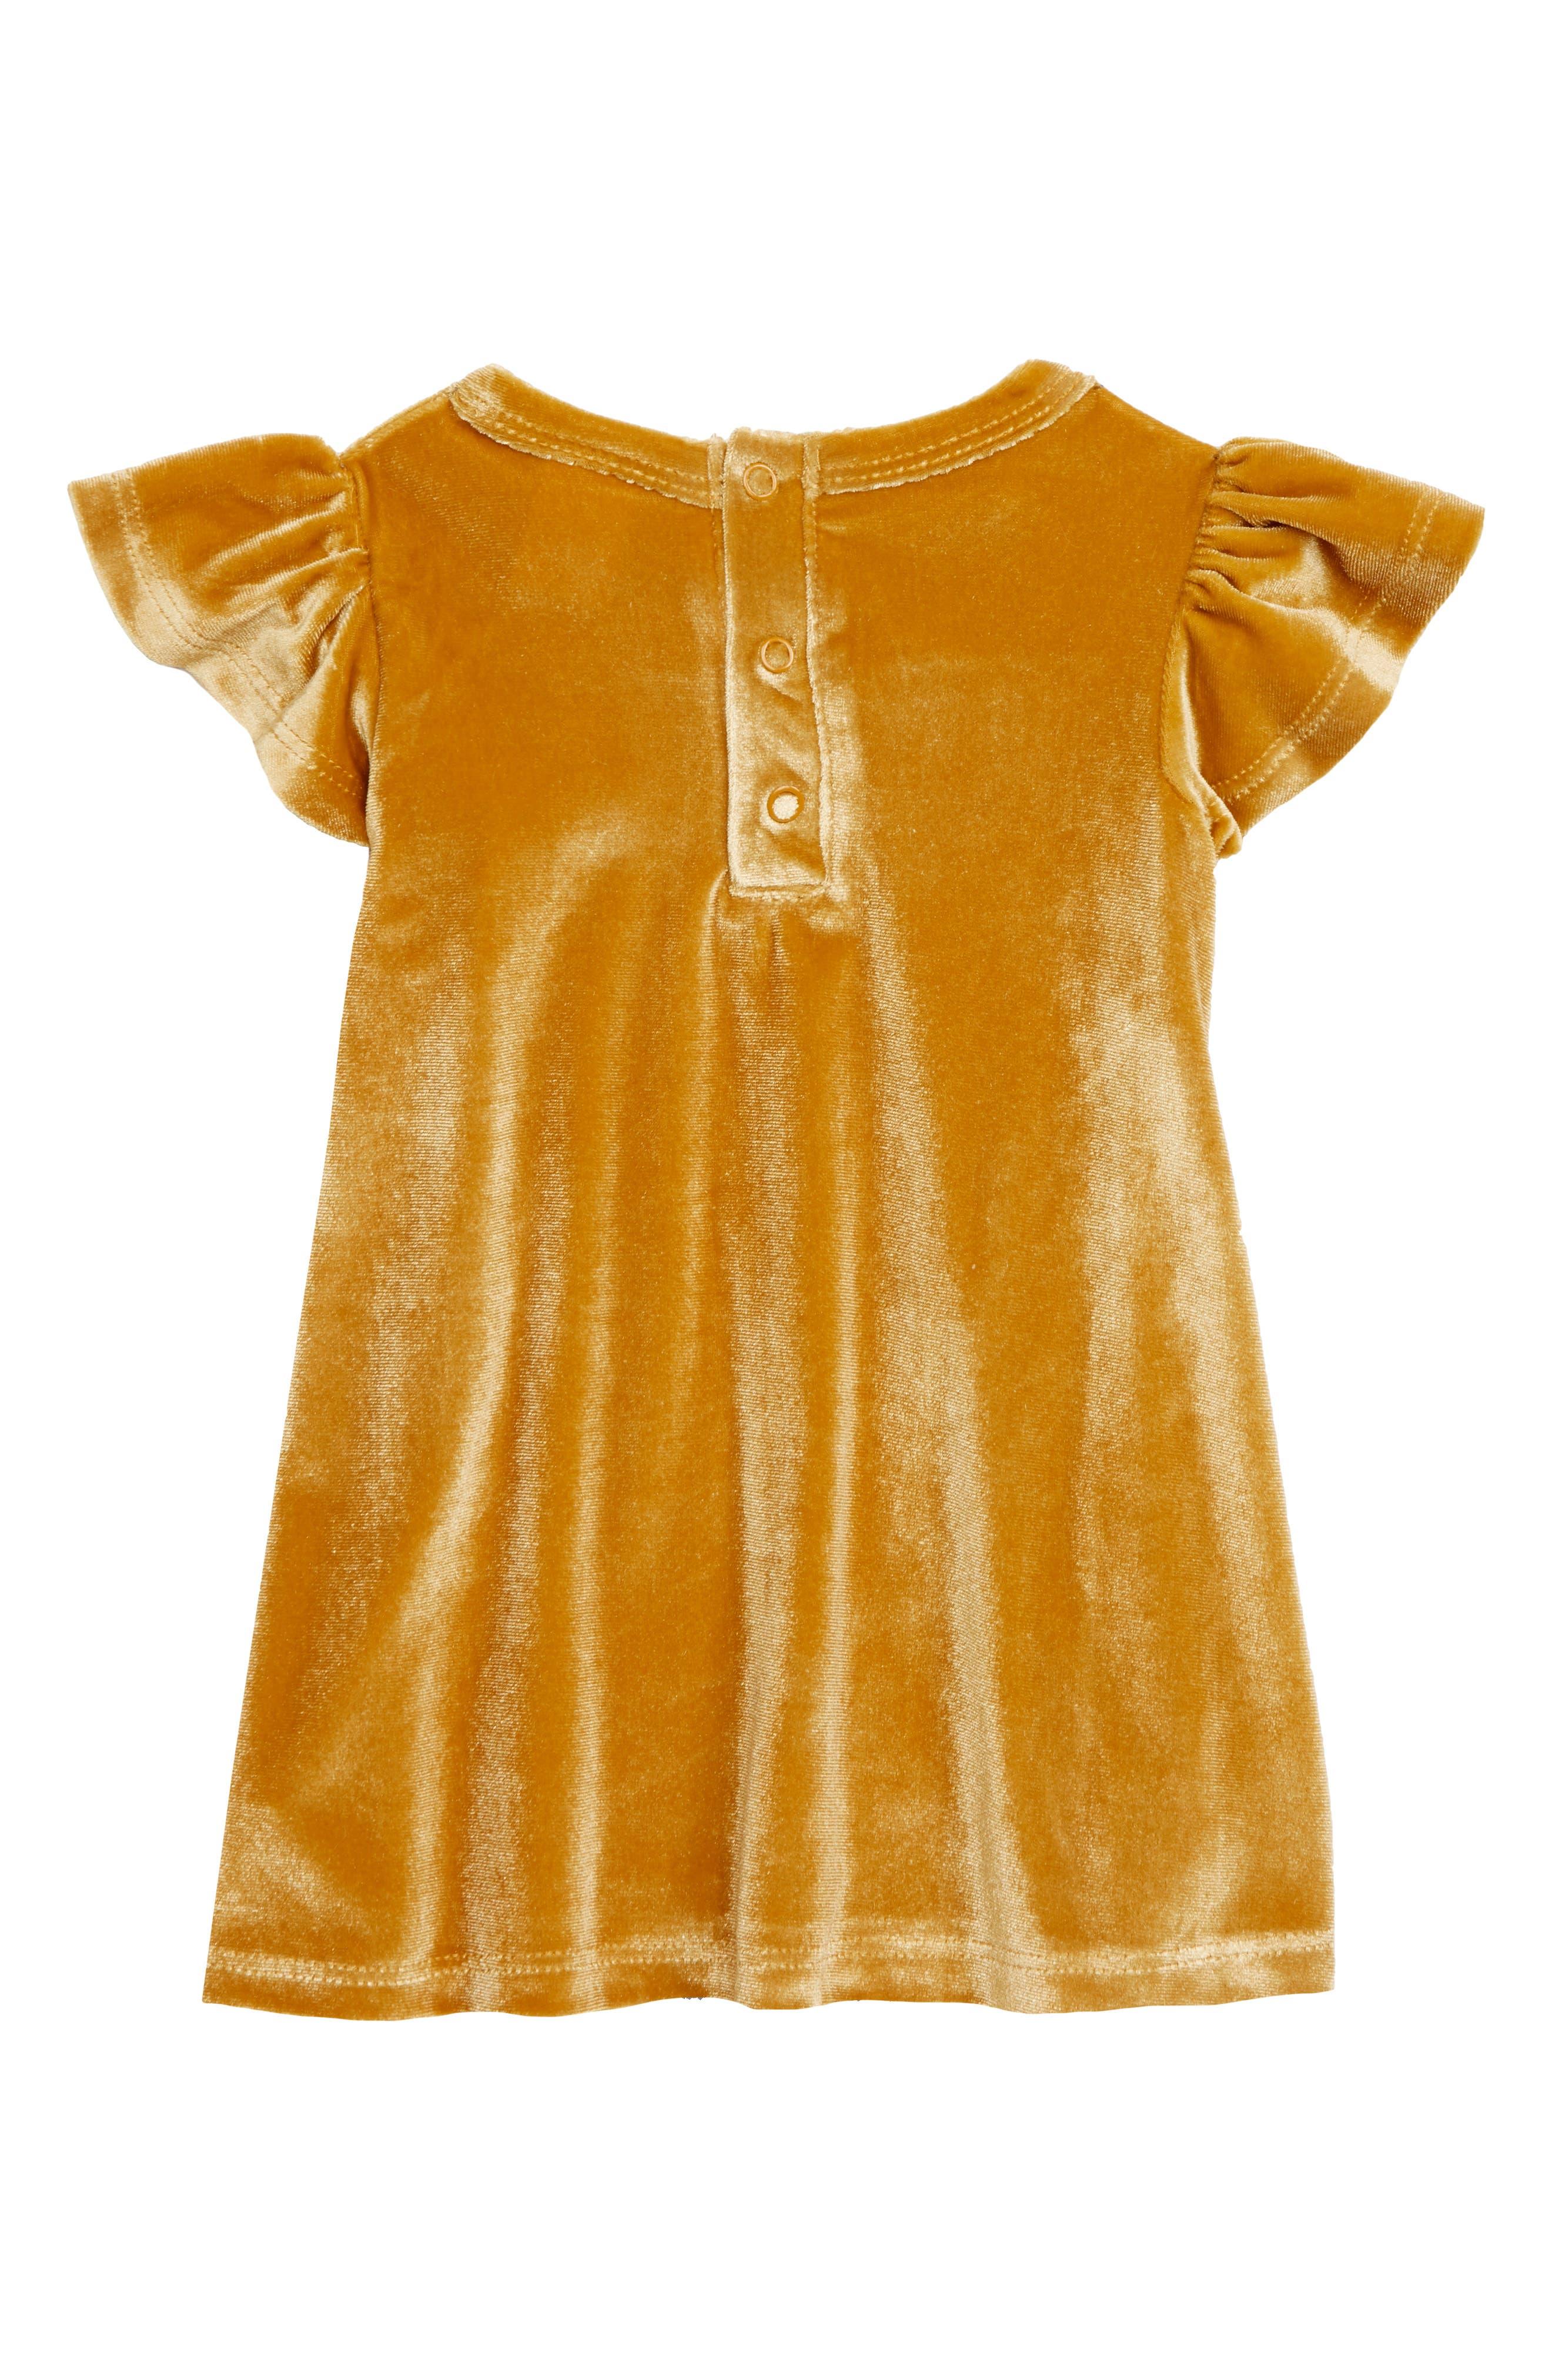 TUCKER + TATE,                             Velvet Ruffle Dress,                             Alternate thumbnail 2, color,                             701